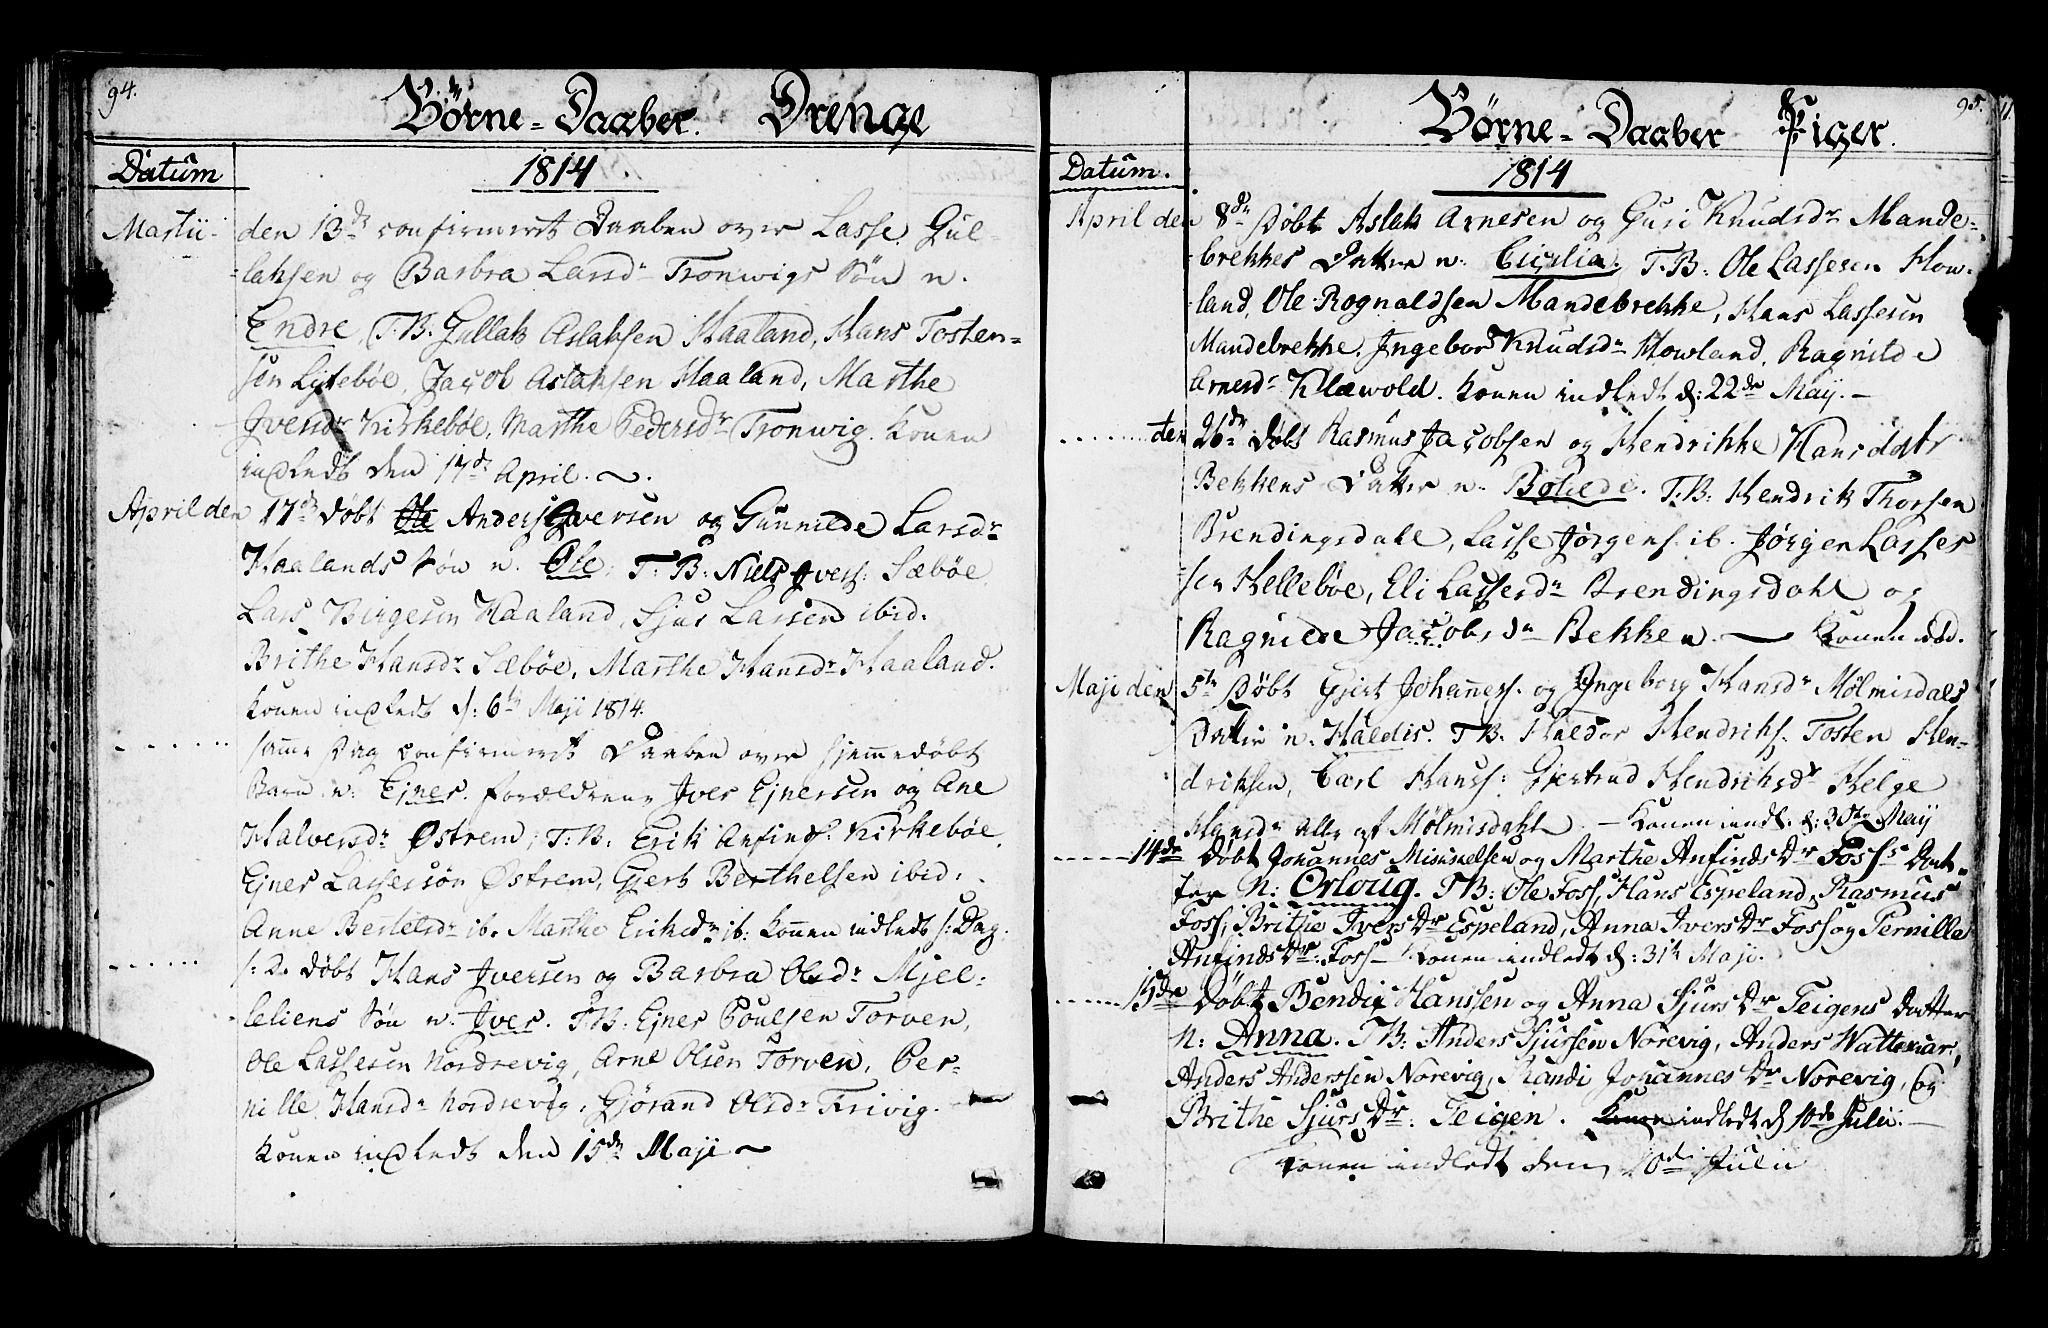 SAB, Lavik Sokneprestembete, Ministerialbok nr. A 1, 1809-1822, s. 94-95